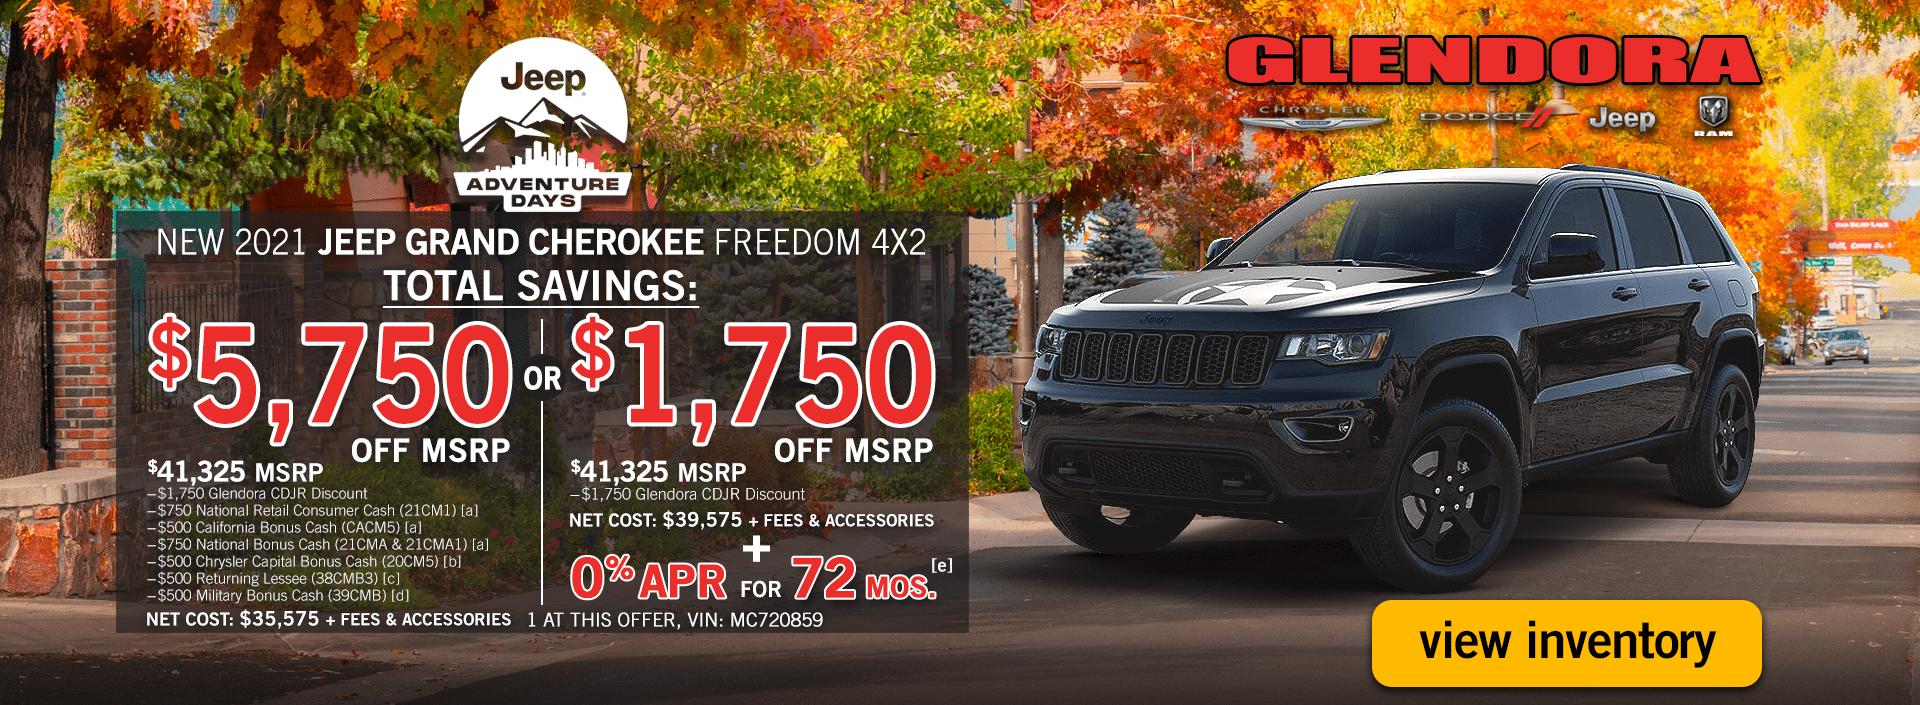 Glendora_CDJR_2021_October_Jeep_Grand_Cherokee